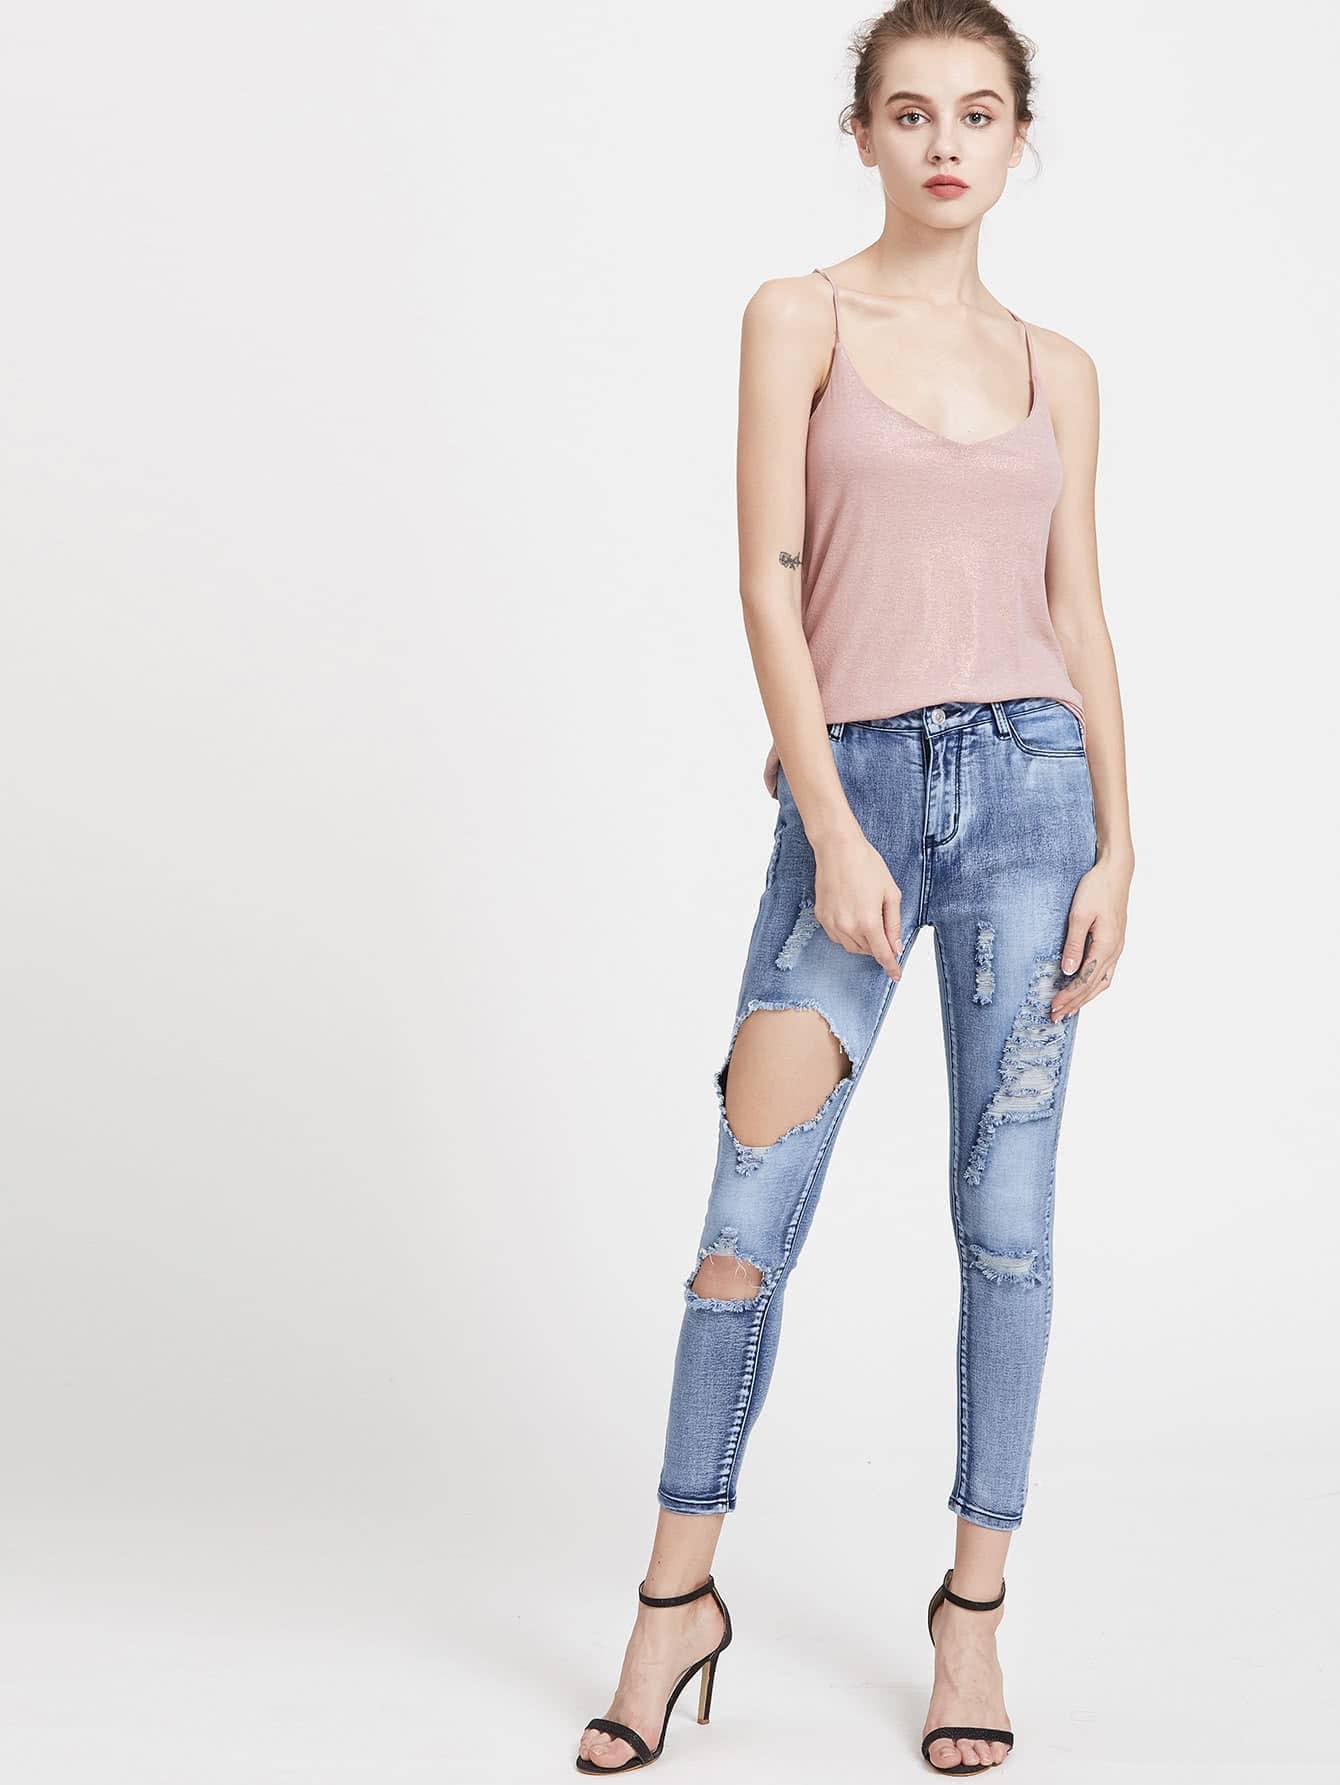 jeans waschwirkung mit l chern german shein sheinside. Black Bedroom Furniture Sets. Home Design Ideas